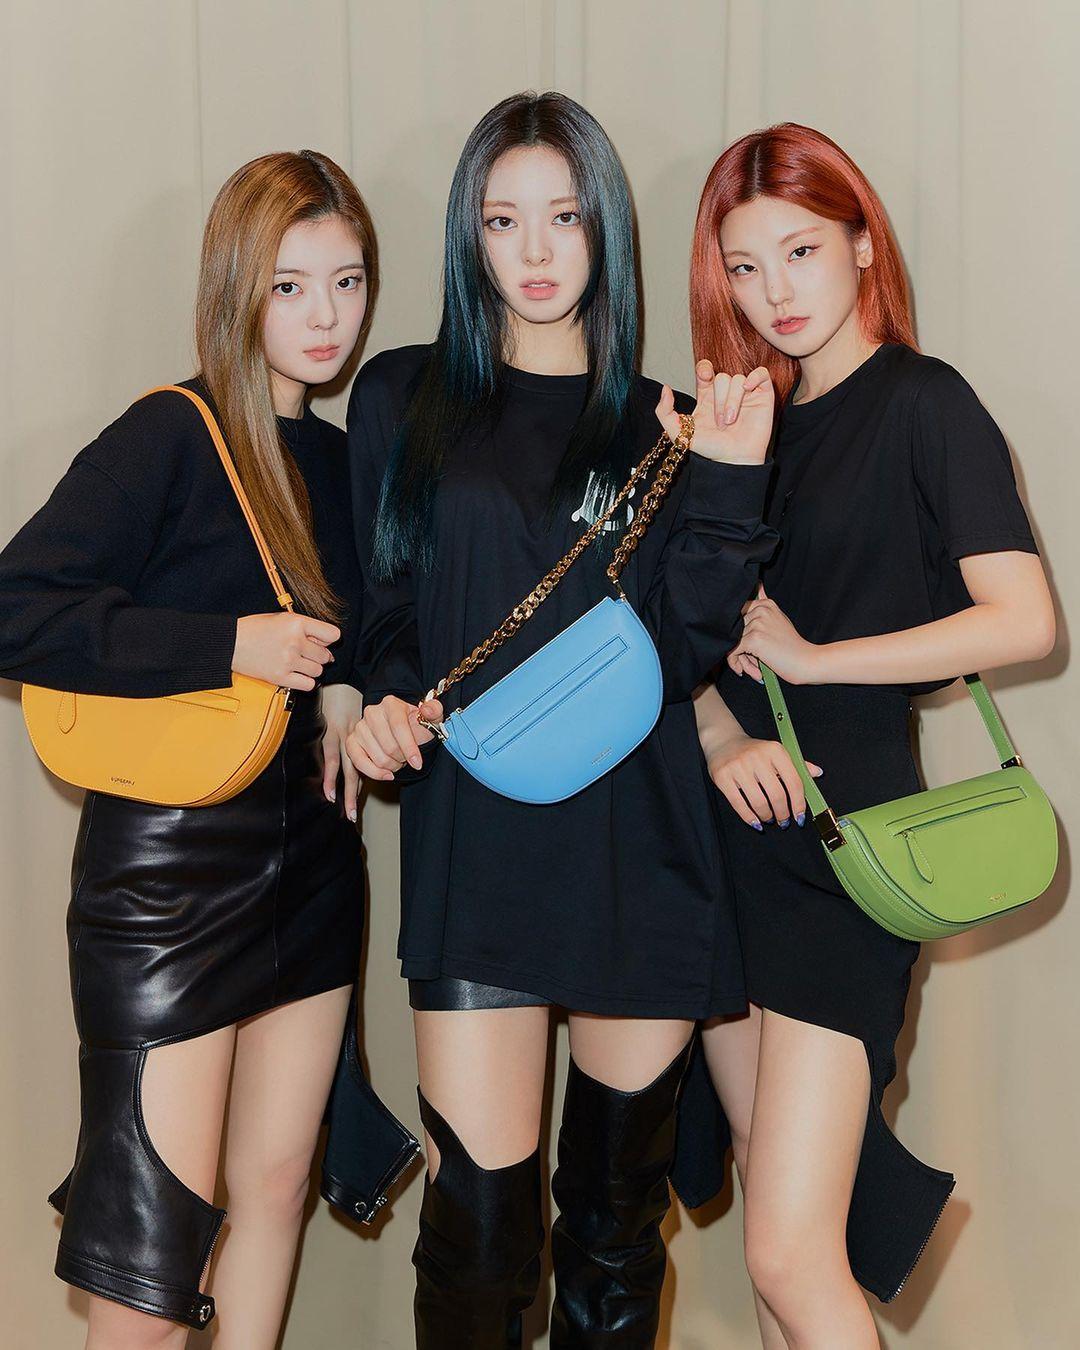 Gần đây, ITZY có cơ hội hợp tác với Burberry khi làm KOL cho dòng túi mới của thương hiệu có tên The Olympia Bag. Trong những photoshoot được đăng tải, cả nhóm đều diện đồ đen trơn cơ bản, làm nền cho những chiếc túi màu sắc nổi bật hơn.